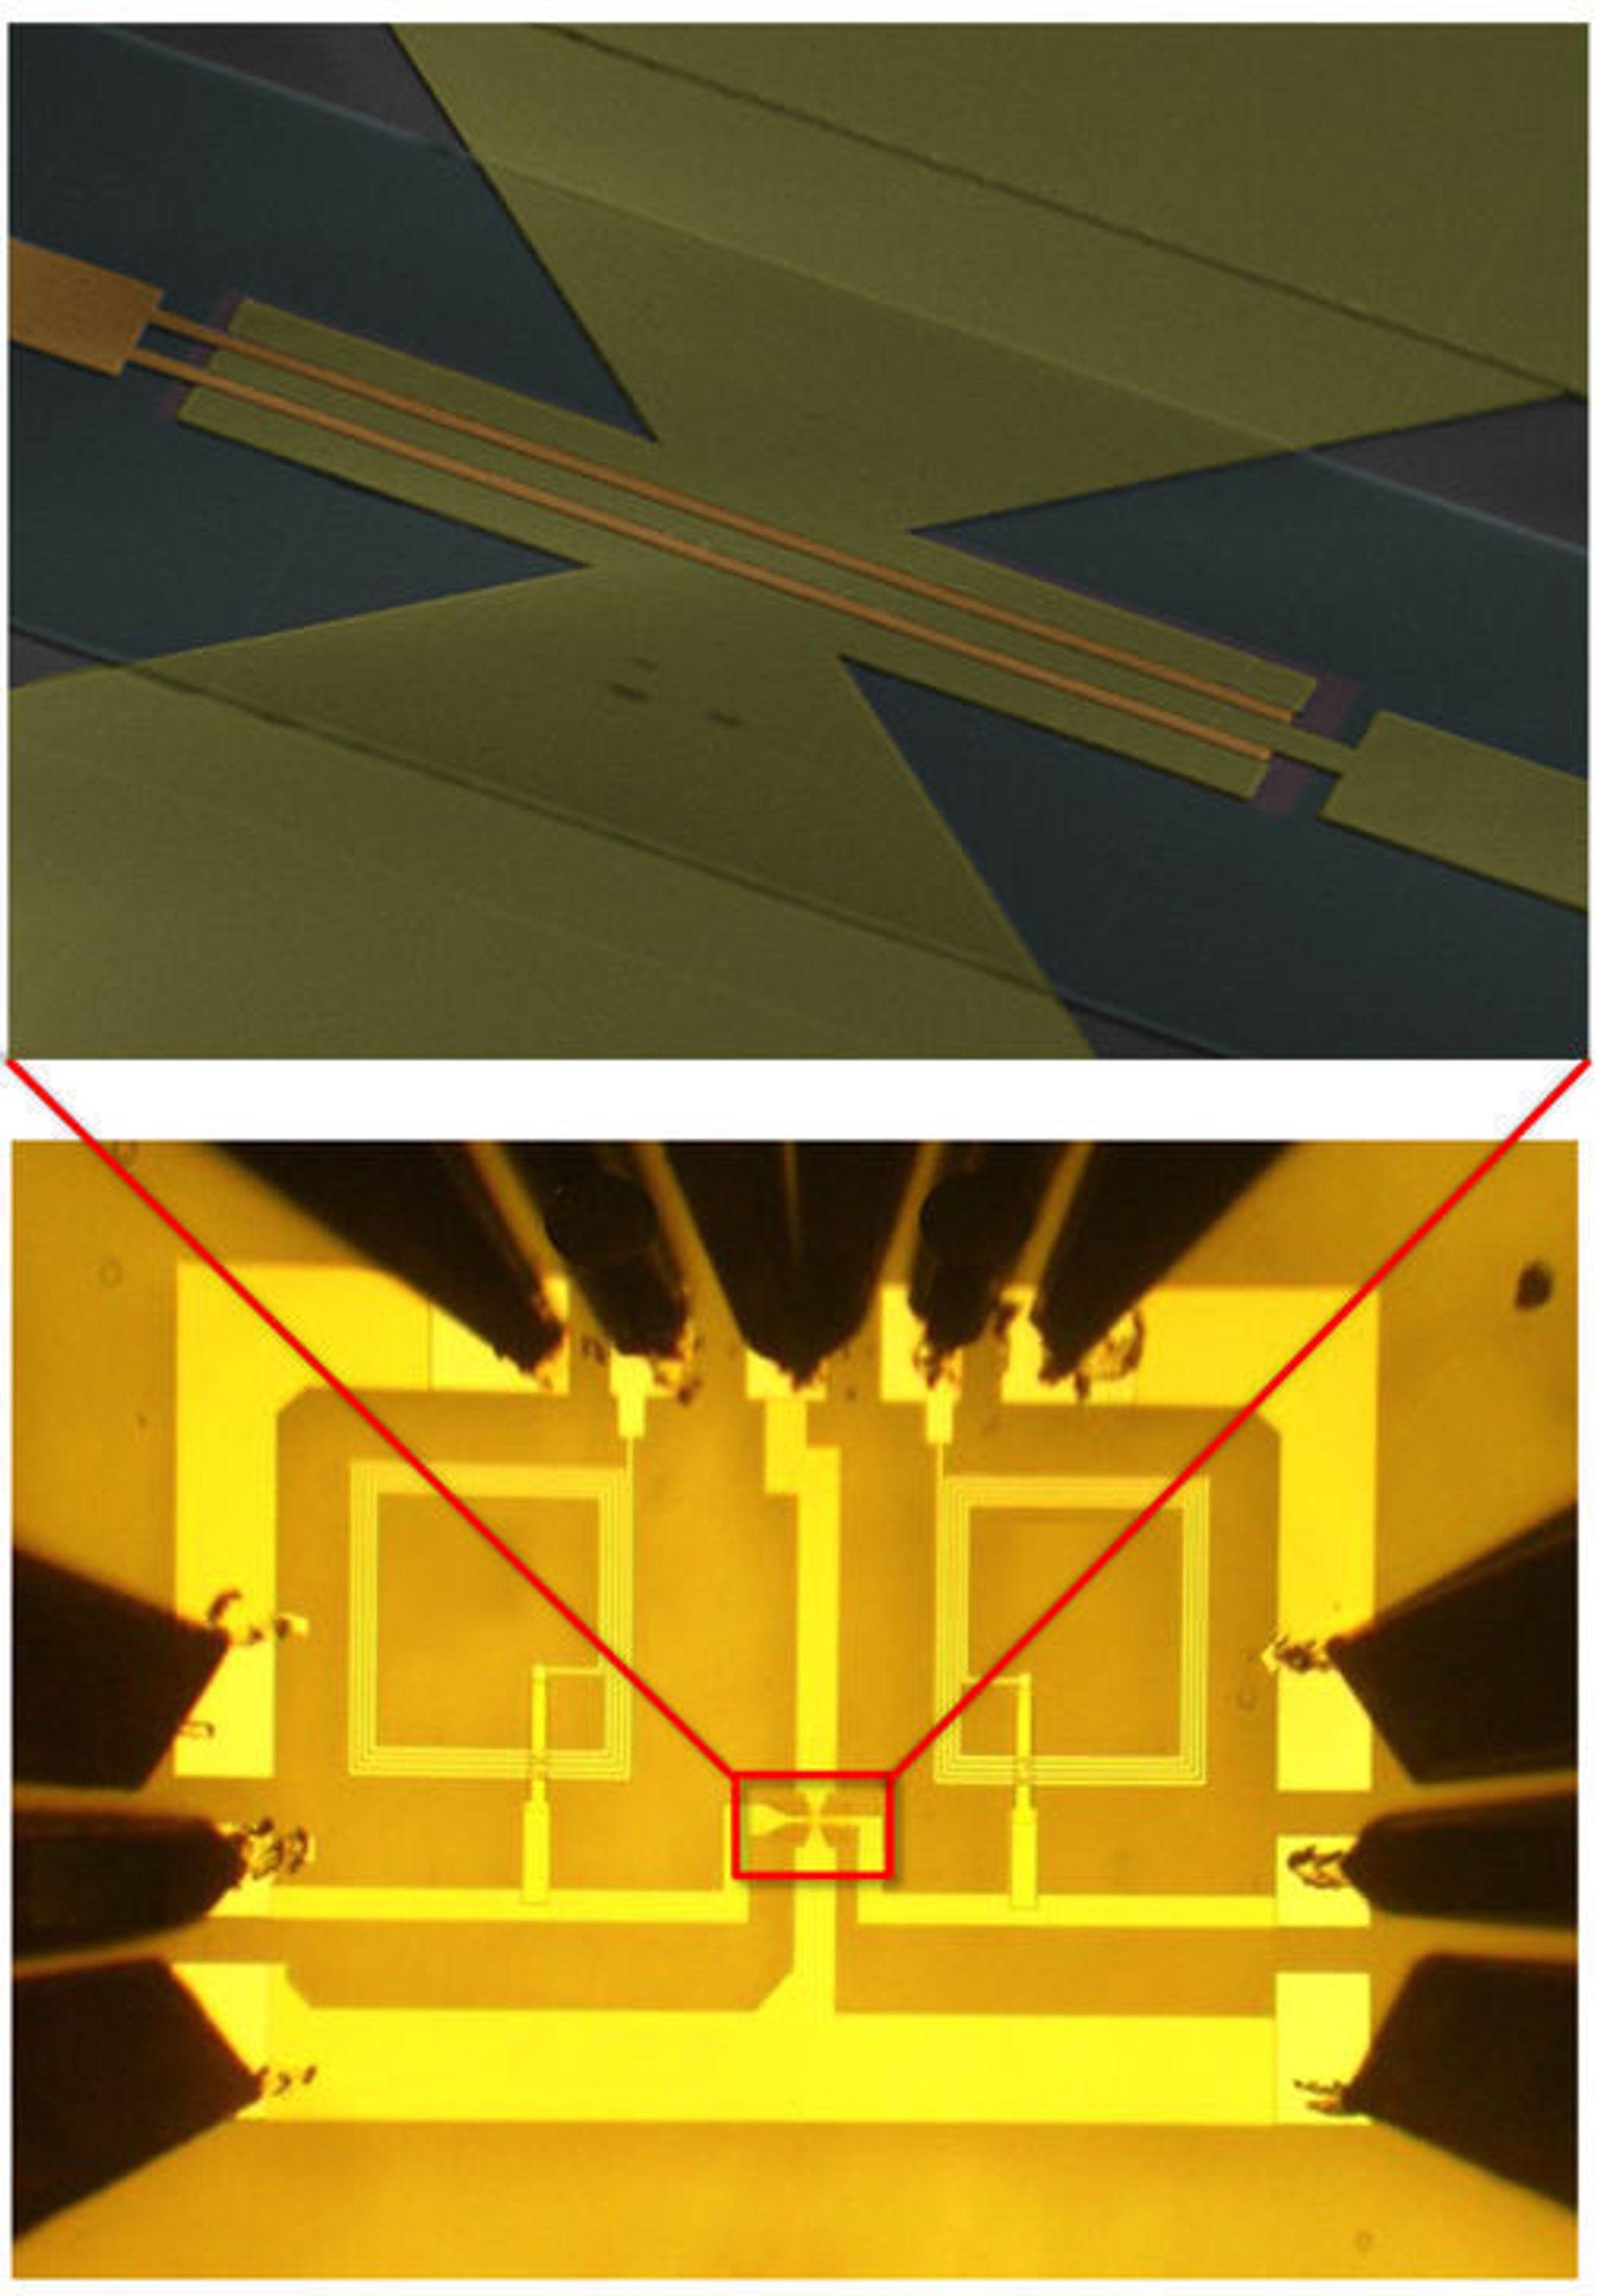 Nederst vises hele den integrerte kretsen, inkludert kontaktpunkter. Øverst vises grafen-transistoren.